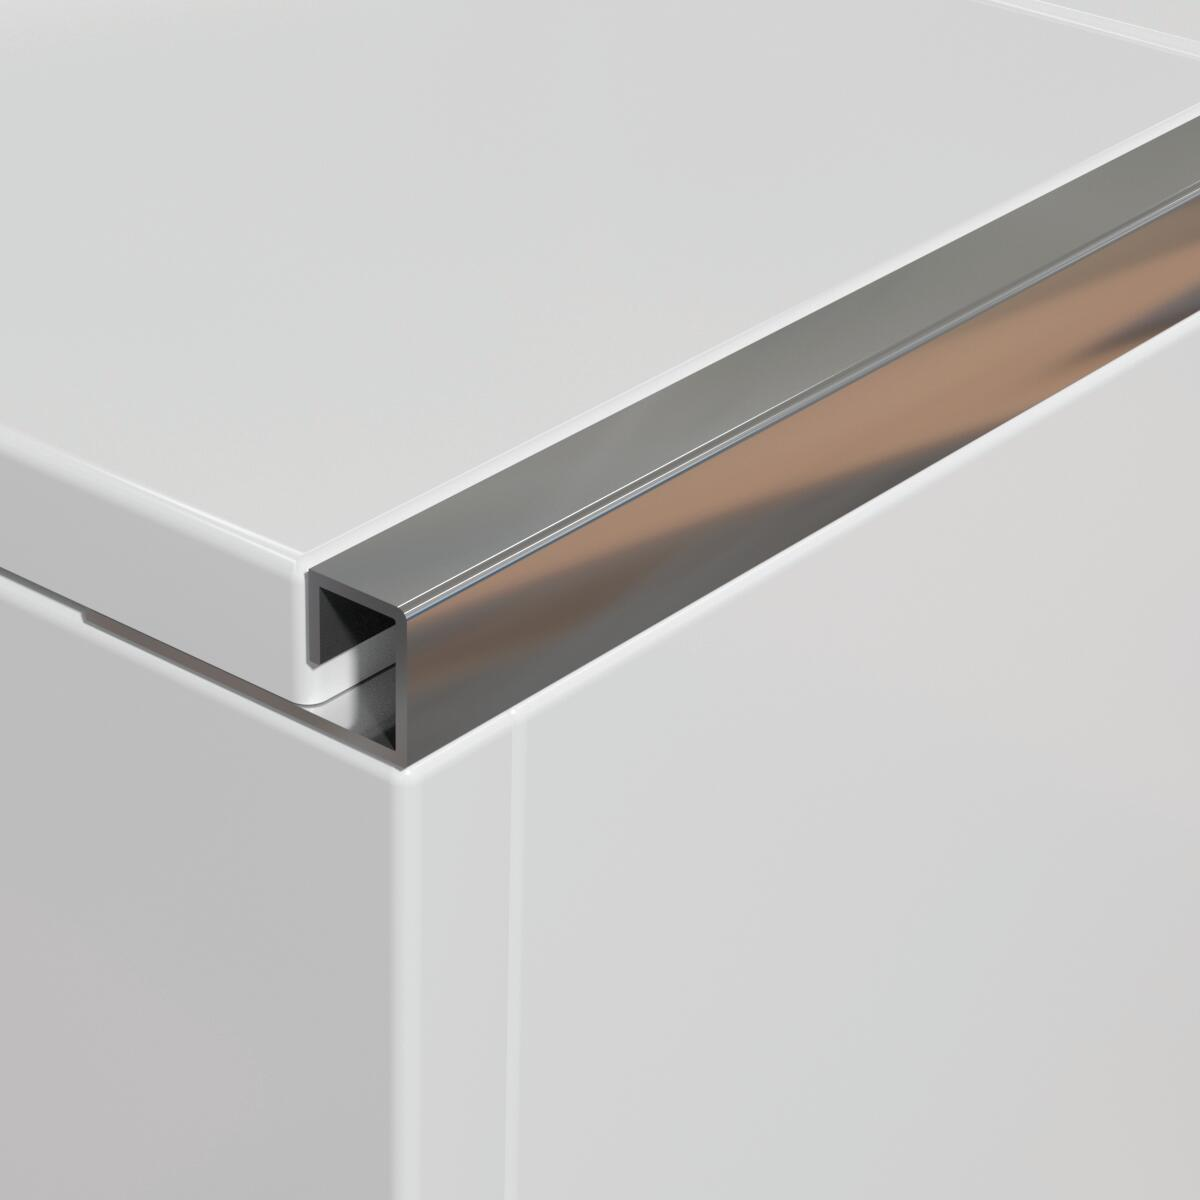 Profilo angolare interno inox 1 x 250 cm - 6